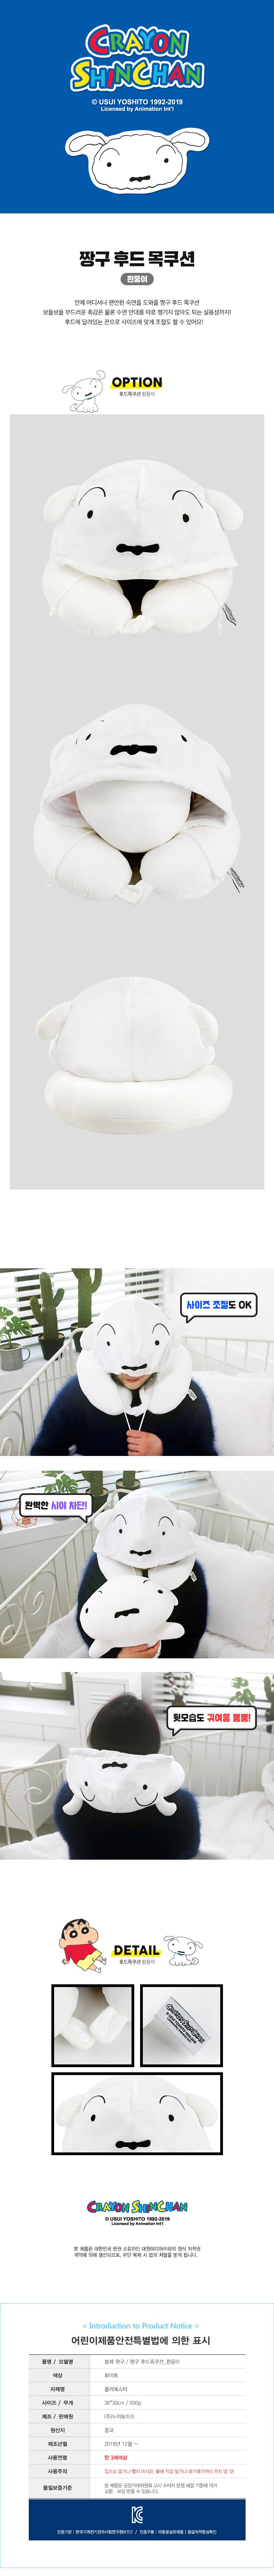 짱구 후드목쿠션-흰둥이 - 누리토이즈, 21,000원, 편의용품, 목쿠션/안대/슬리퍼